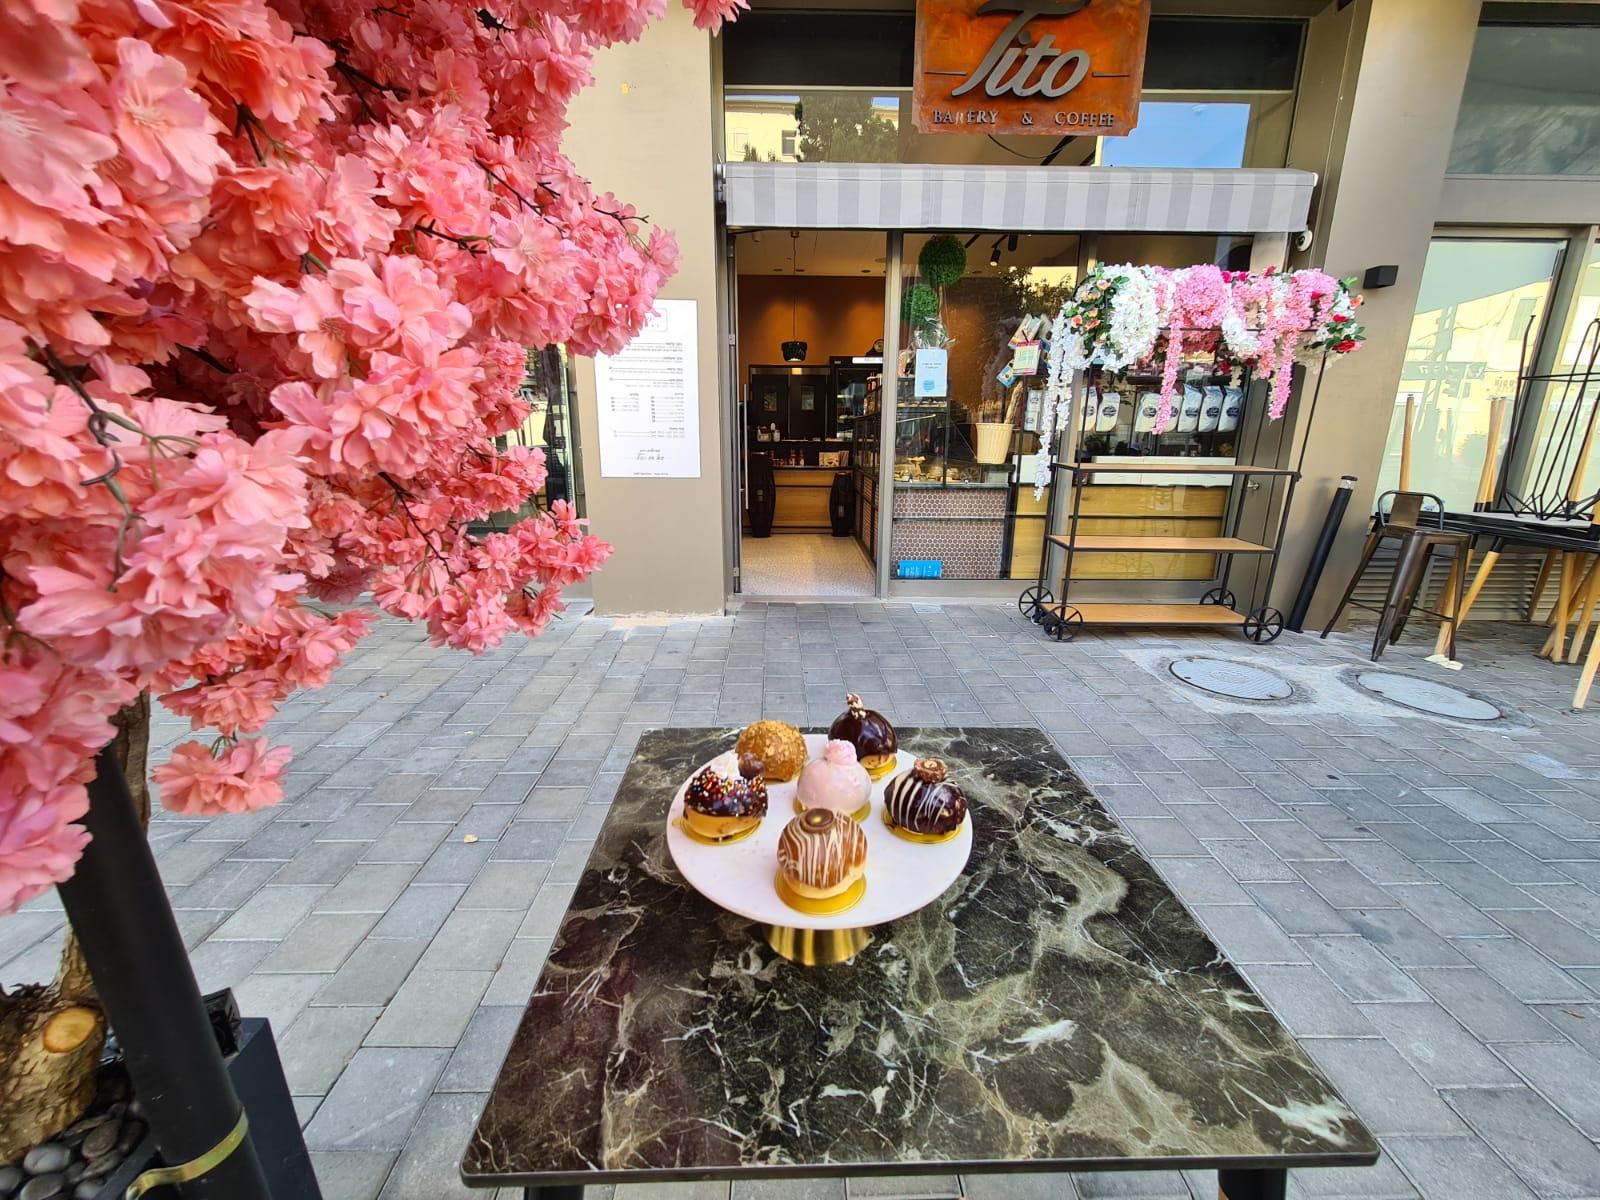 وجبة افطار صحية ولذيذة مع قهوة صباحية في مقهى تيتو بيافا